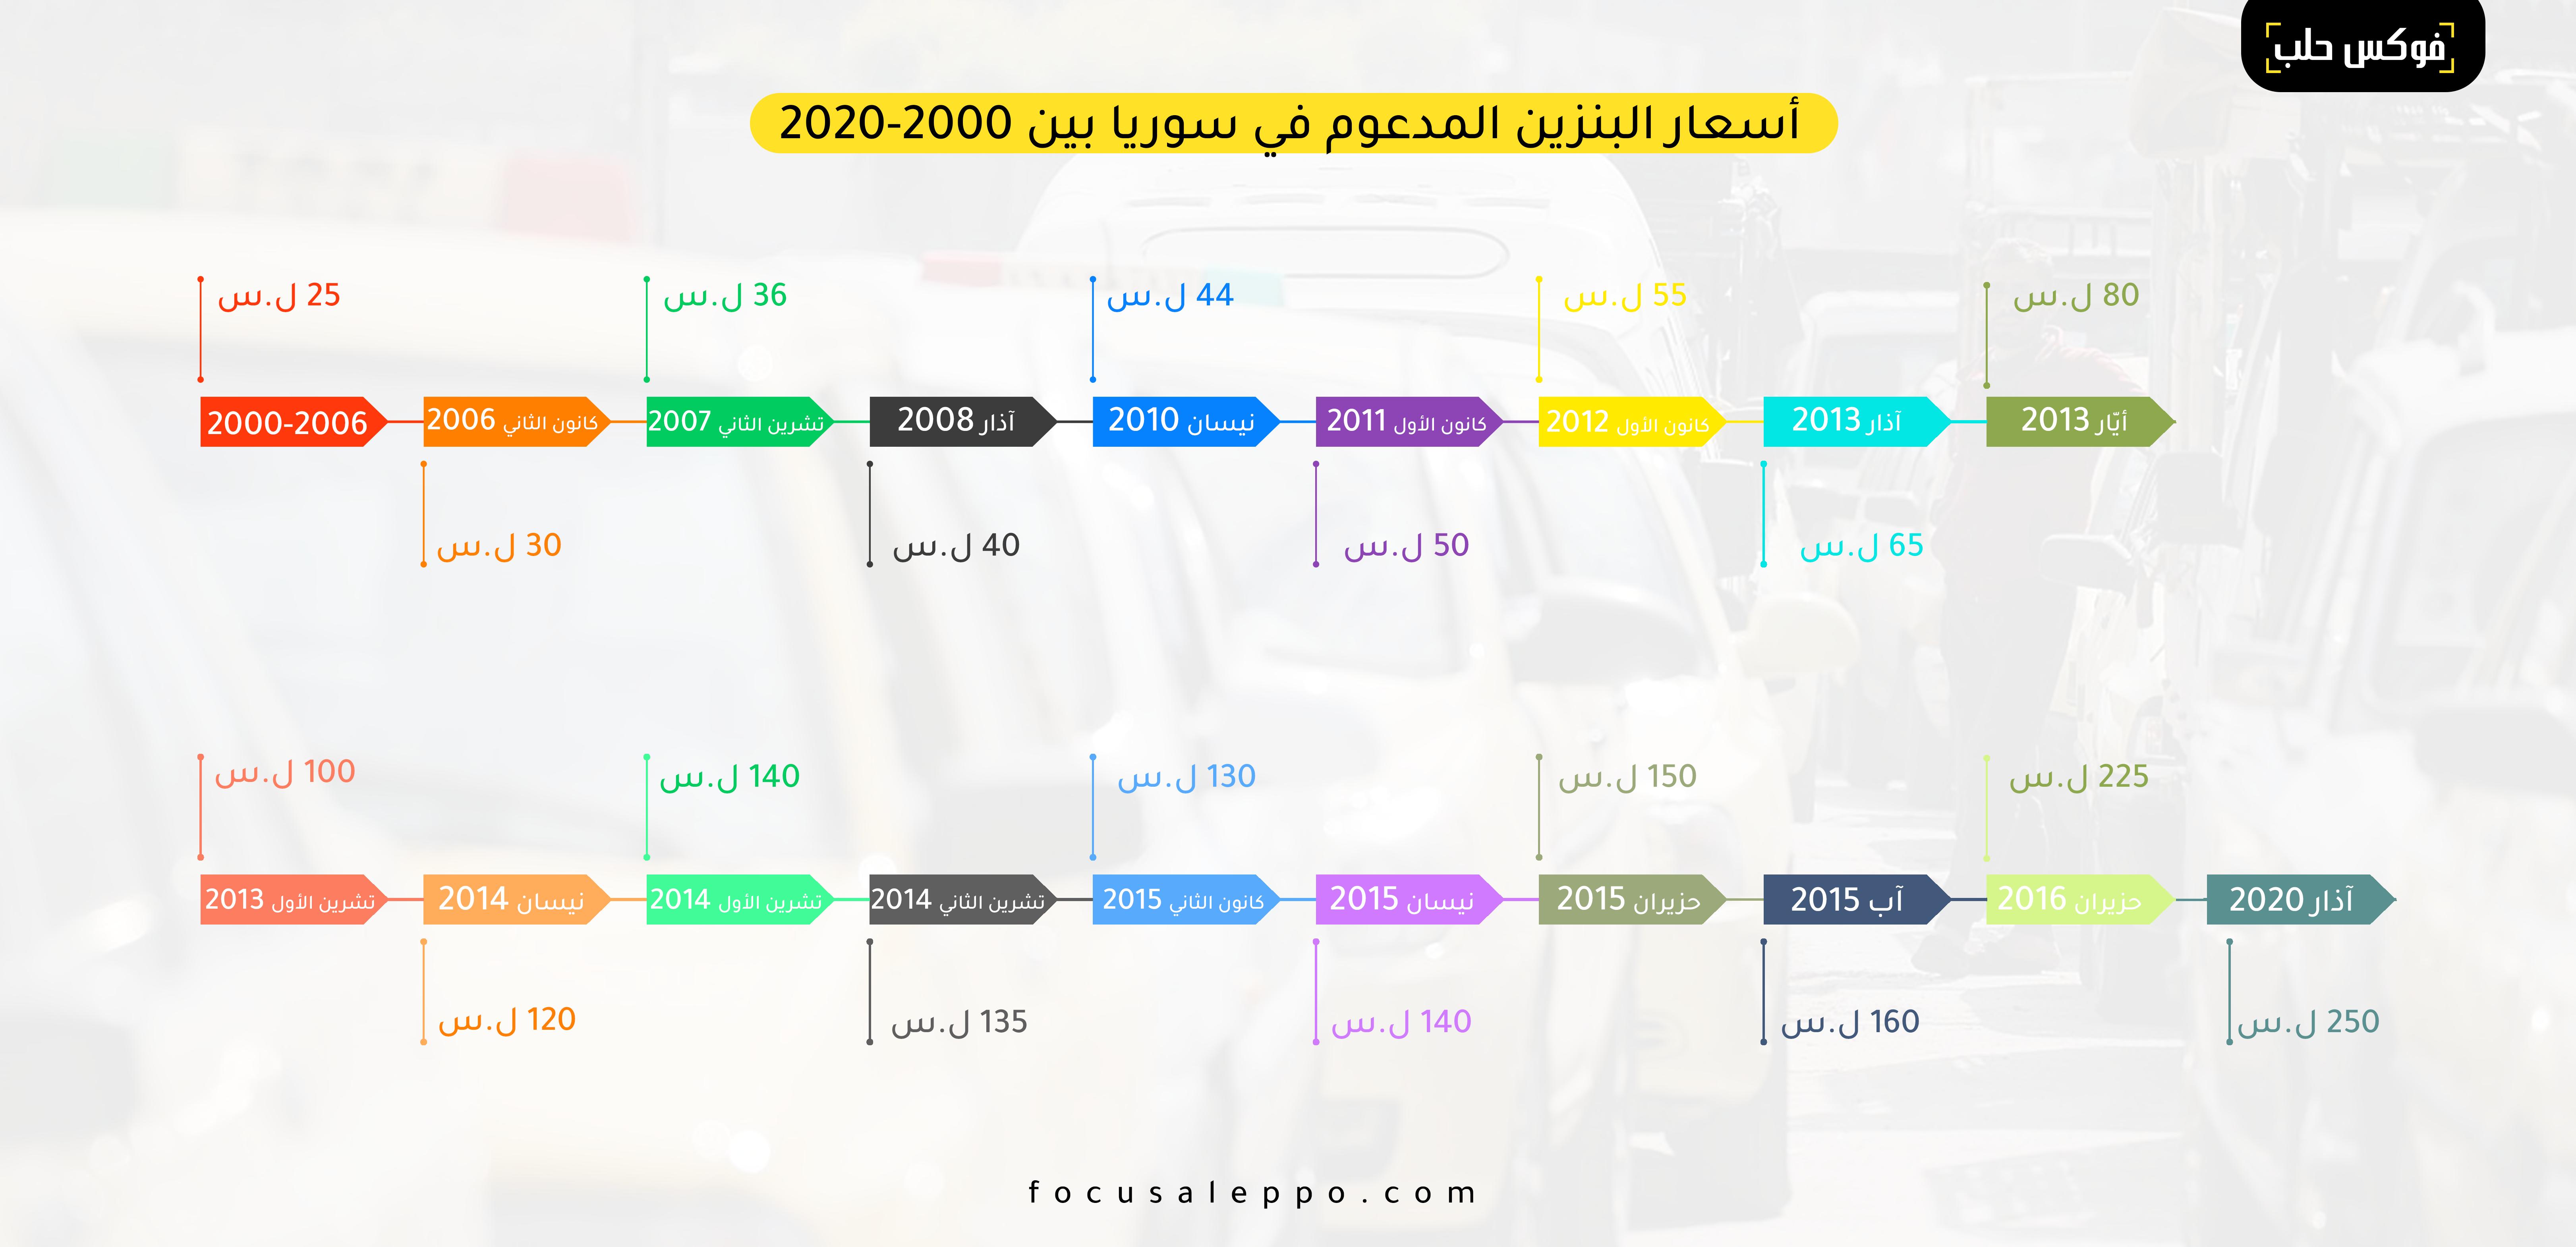 انفوغراف يوضح زمن أزمة البنزين في سوريا خلال السنوات العشرين الأخيرة